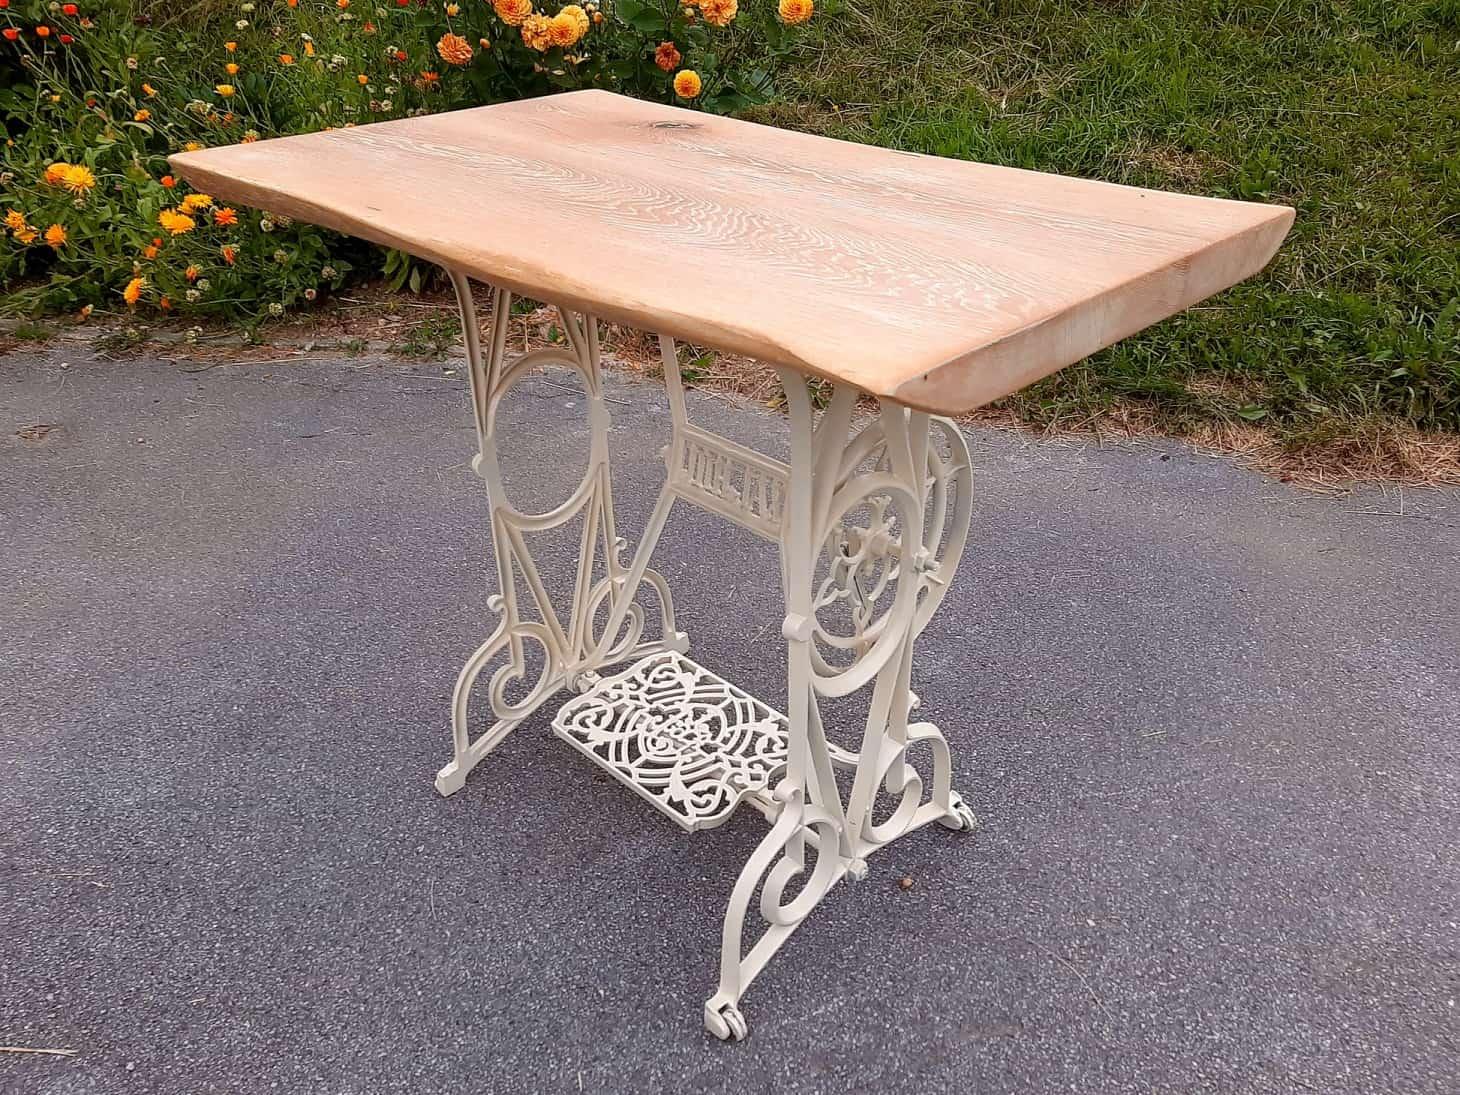 Unikatna miza v loft-slogu